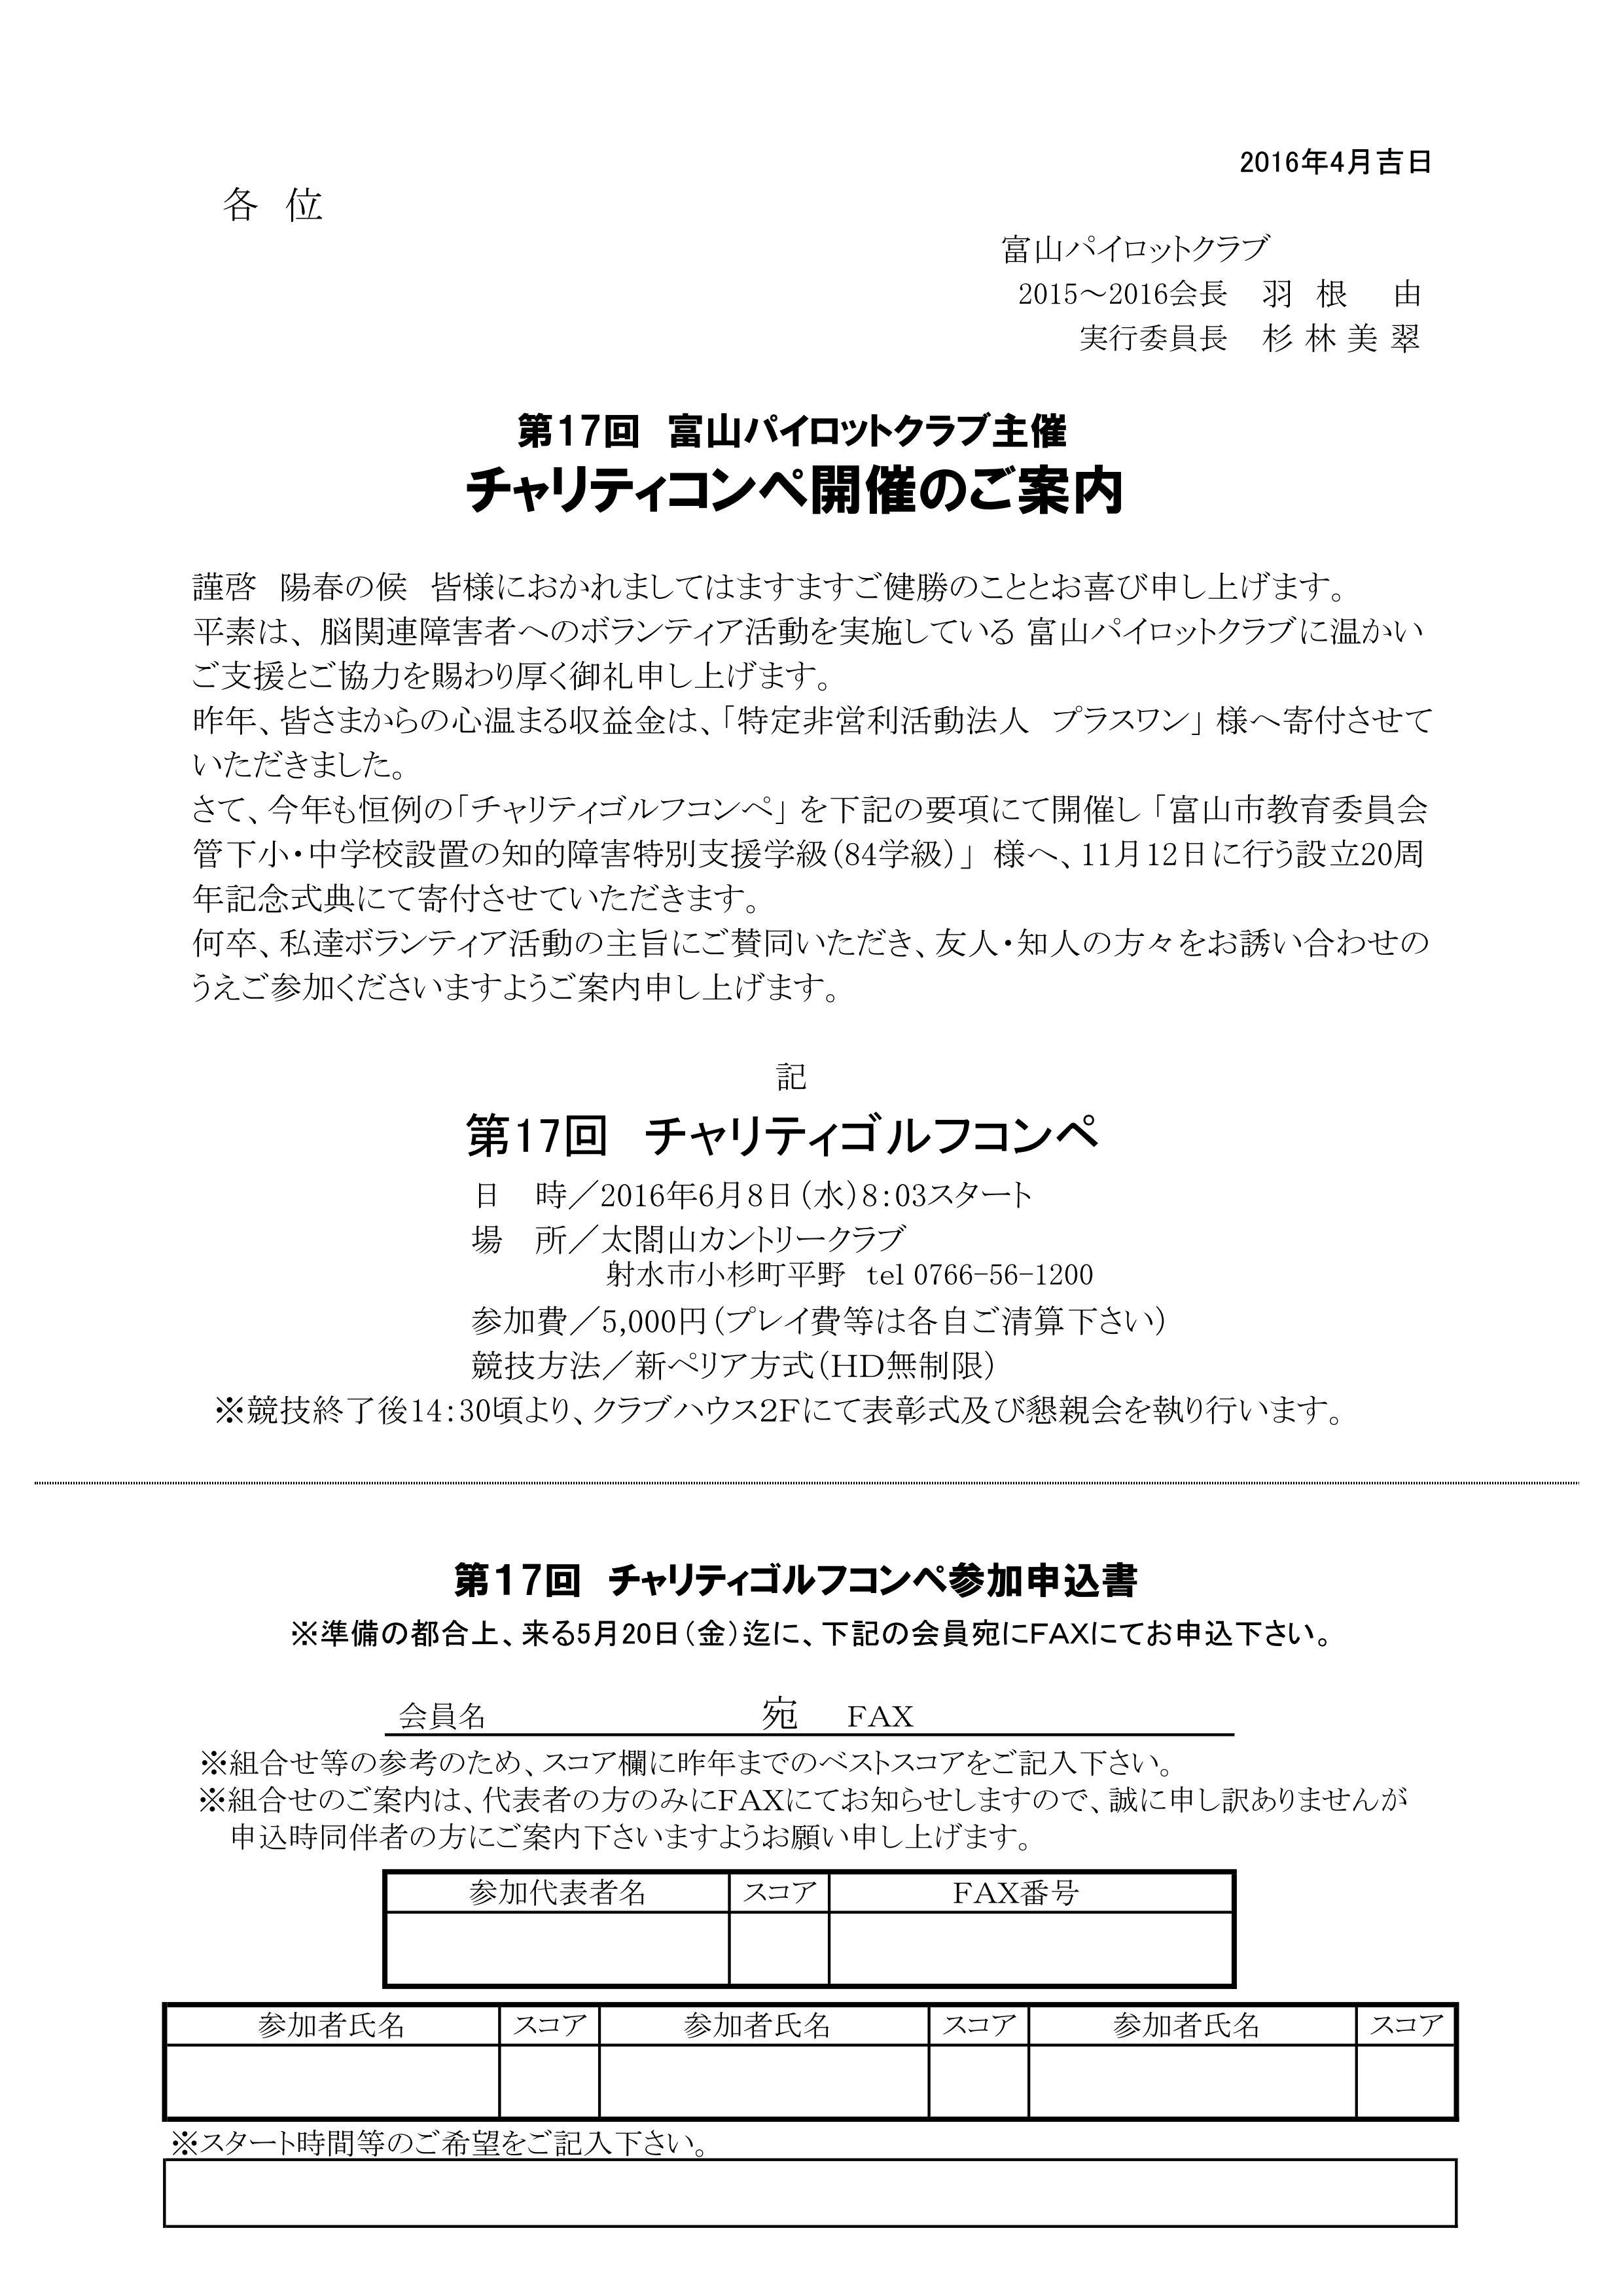 1606チャリティ-コンペ参加申込書_01